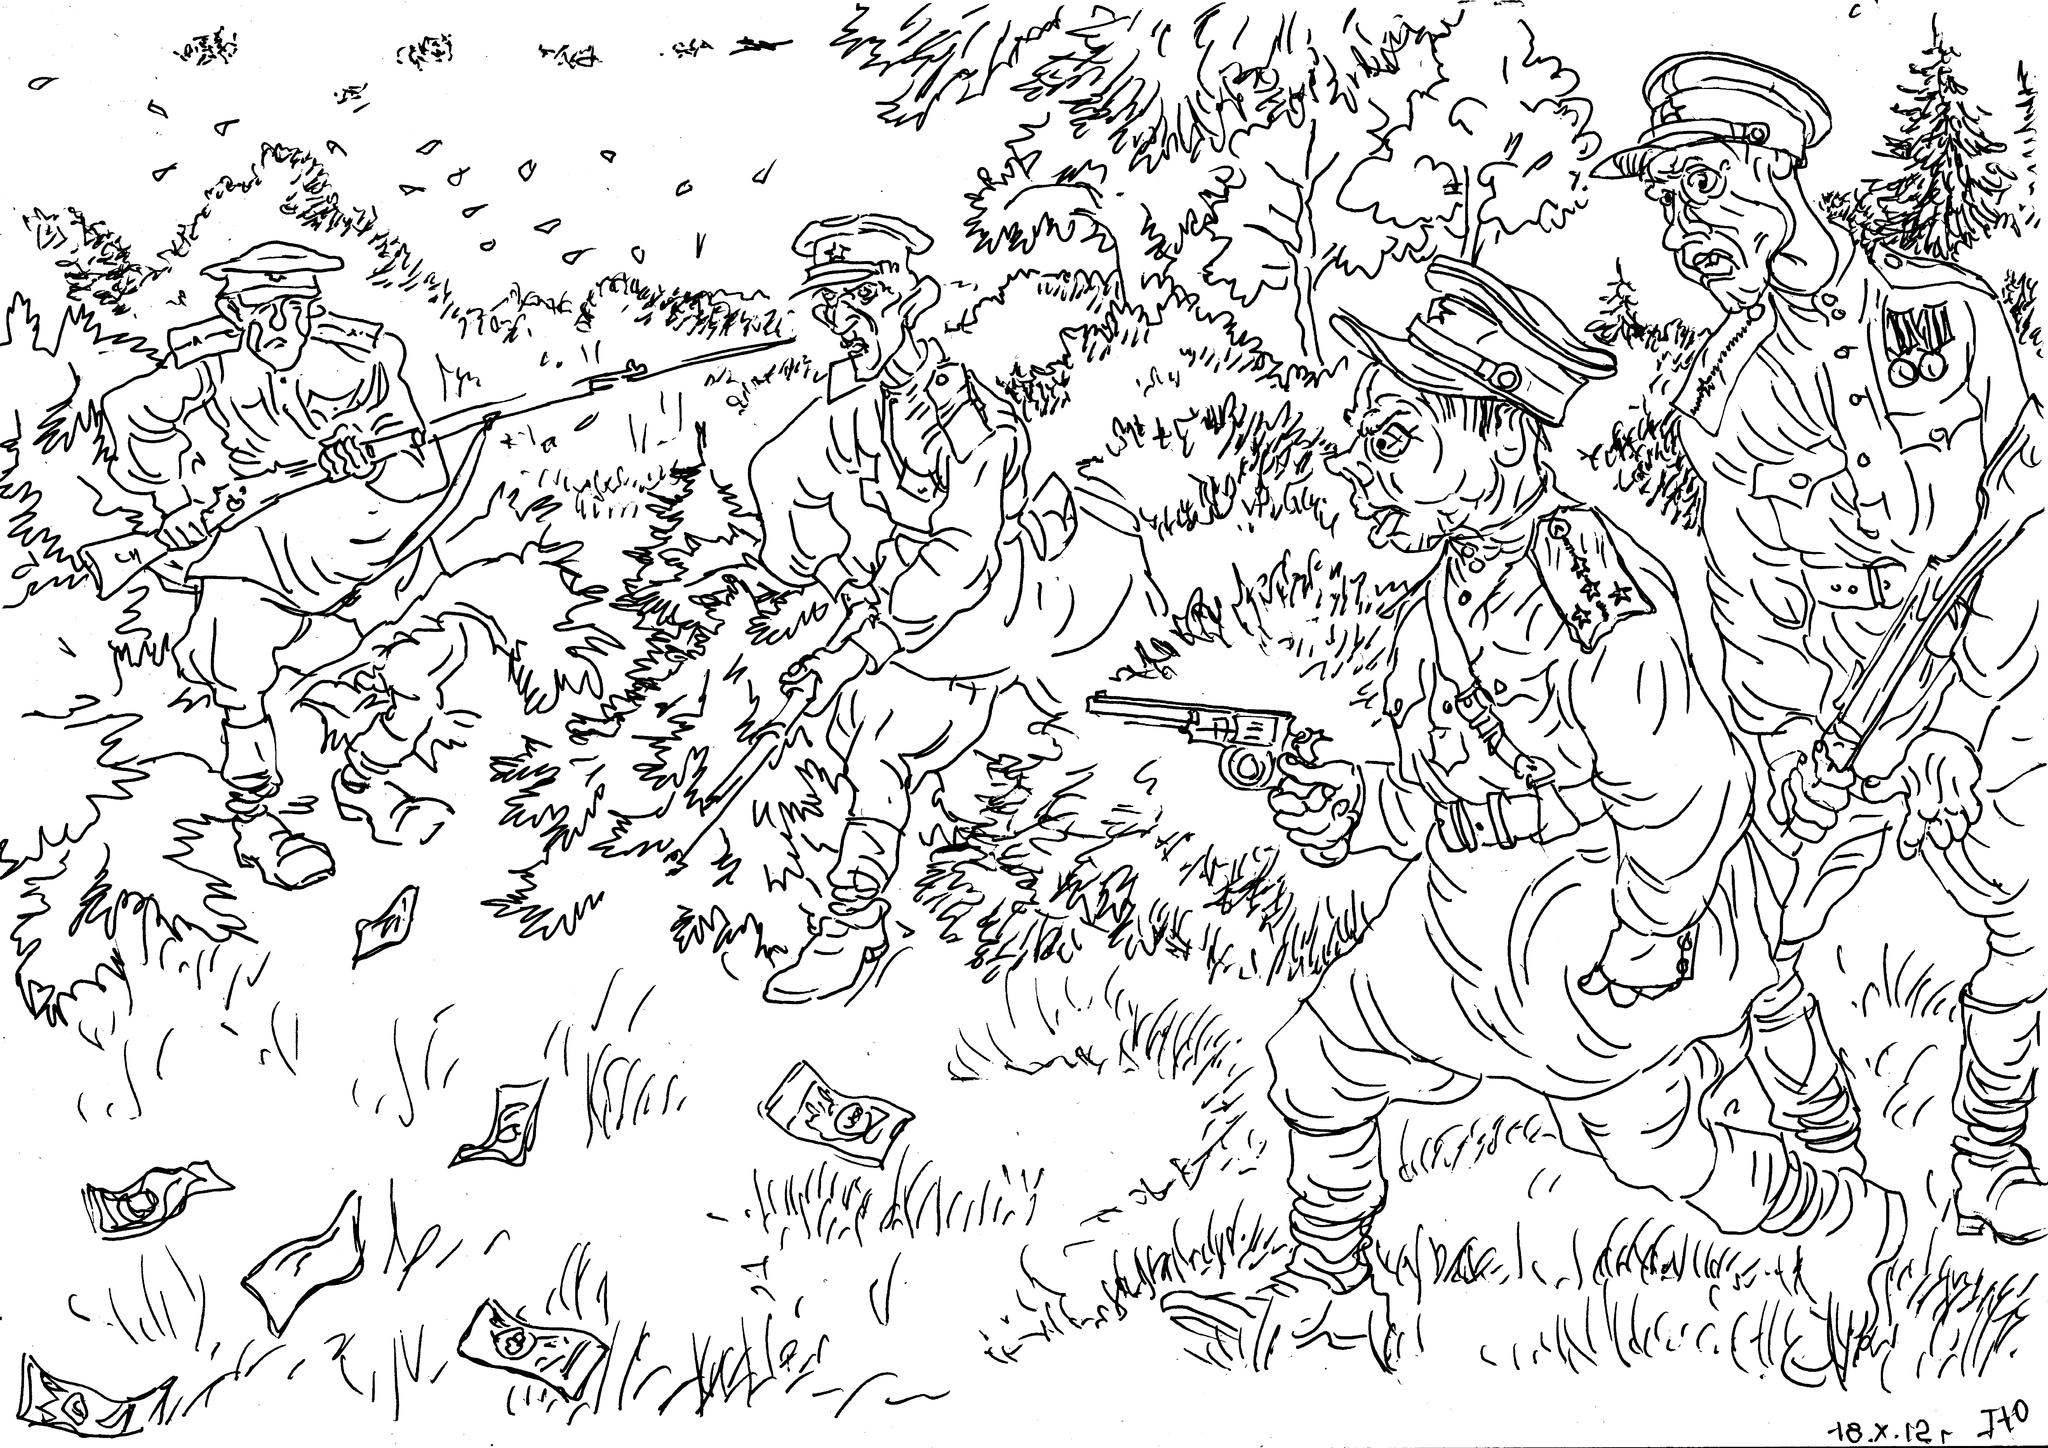 Бойцы невидимого фронта собирают провокационные листовки-пропуска